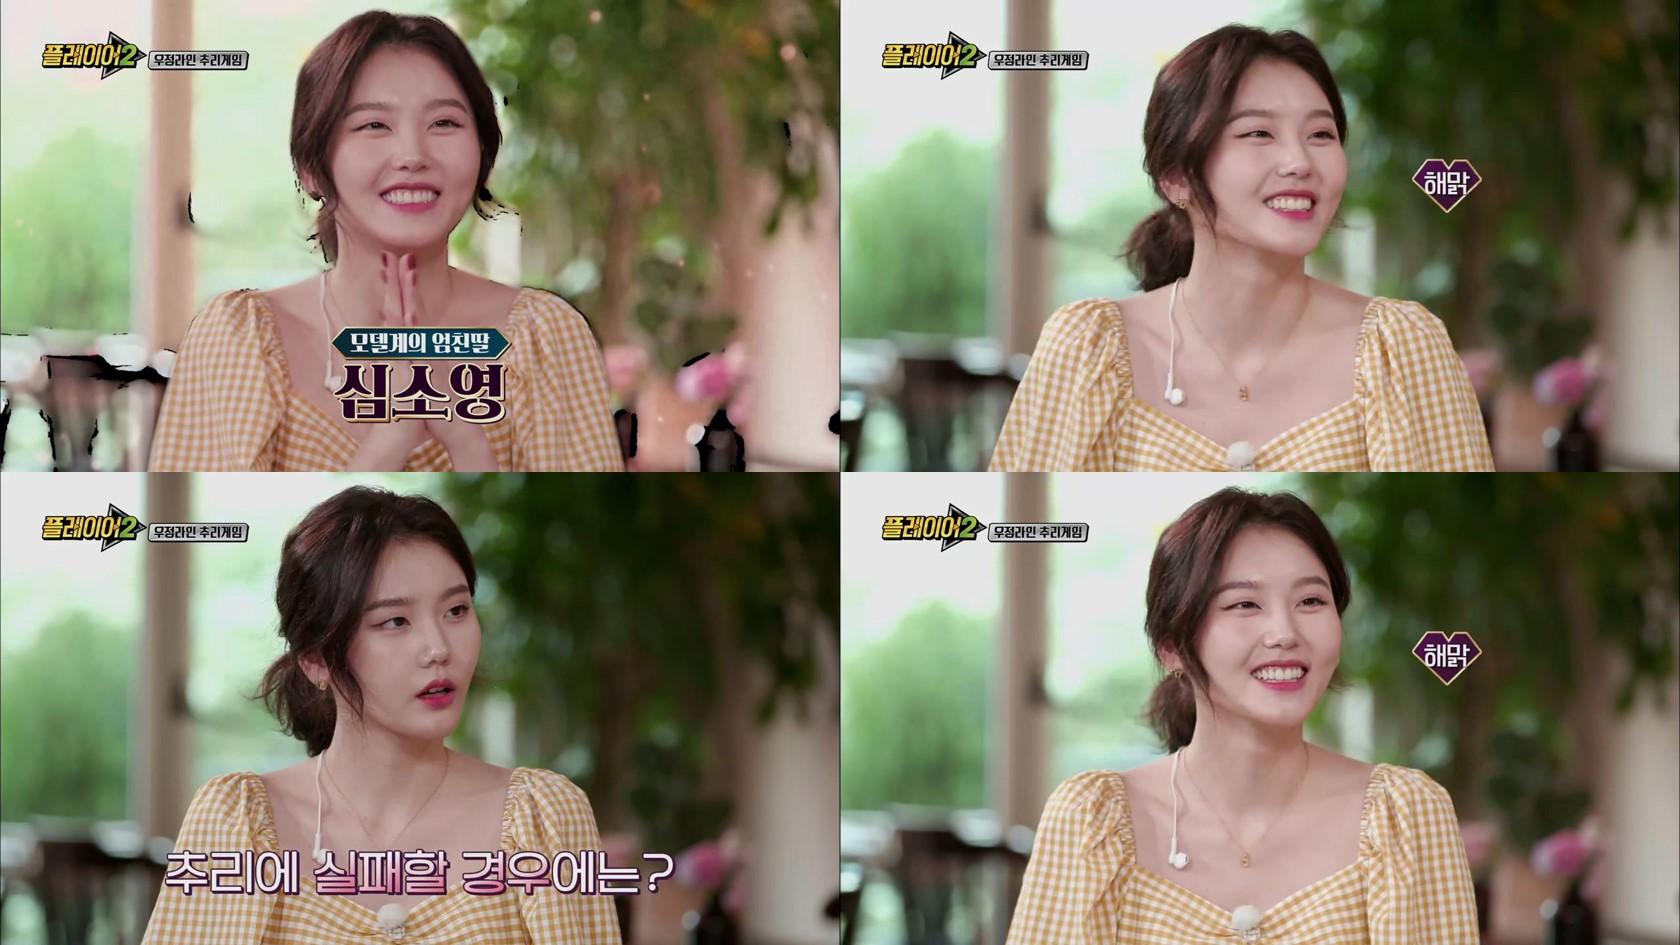 모델 심소영 XtvN '플레이어 2' 출연! 귀엽고 유쾌한 매력 선사